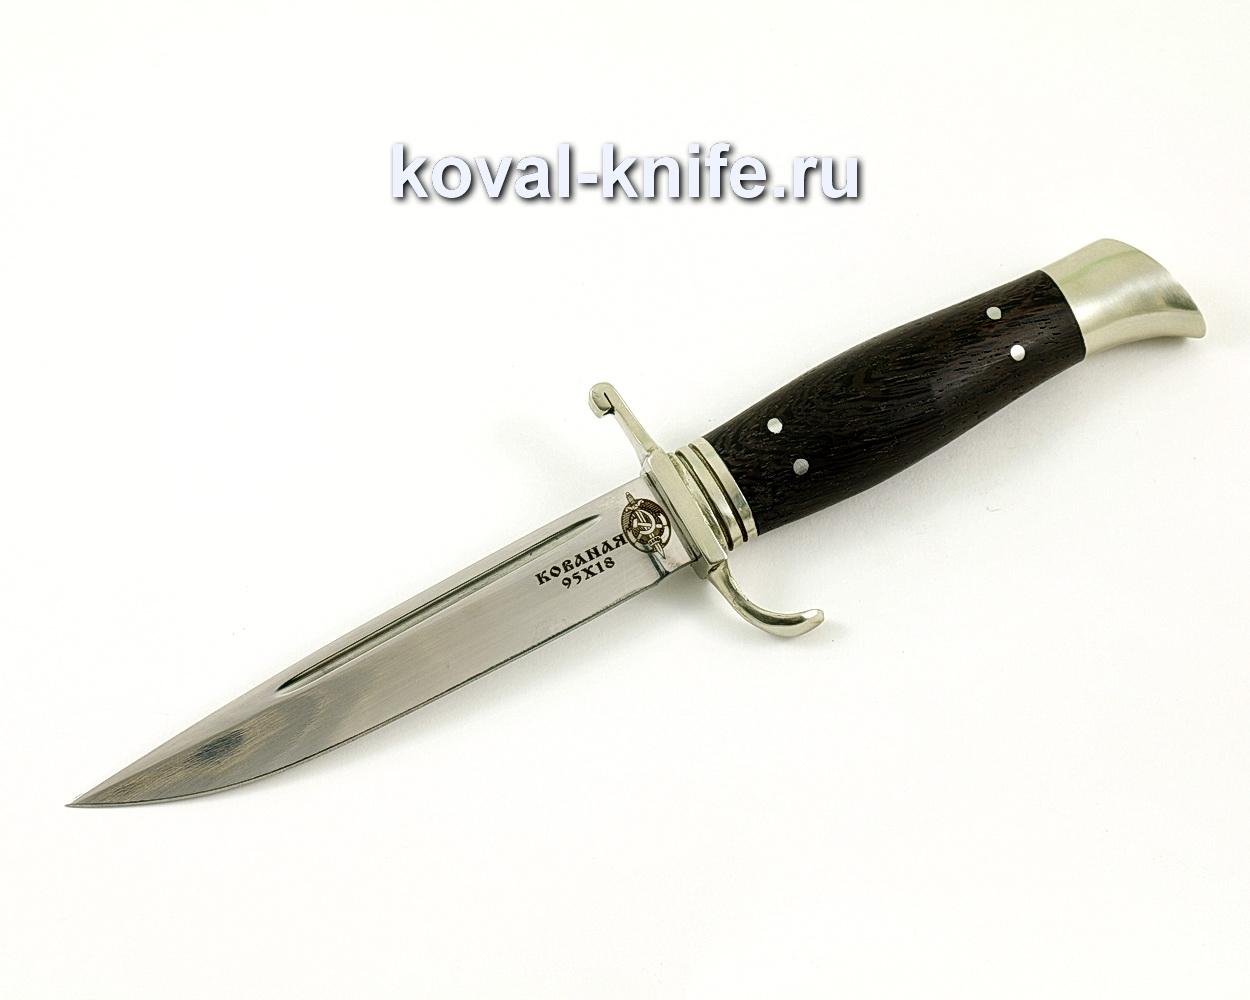 Нож Финка НКВД из кованой стали 95х18 (рукоять венге, литье мельхиор)